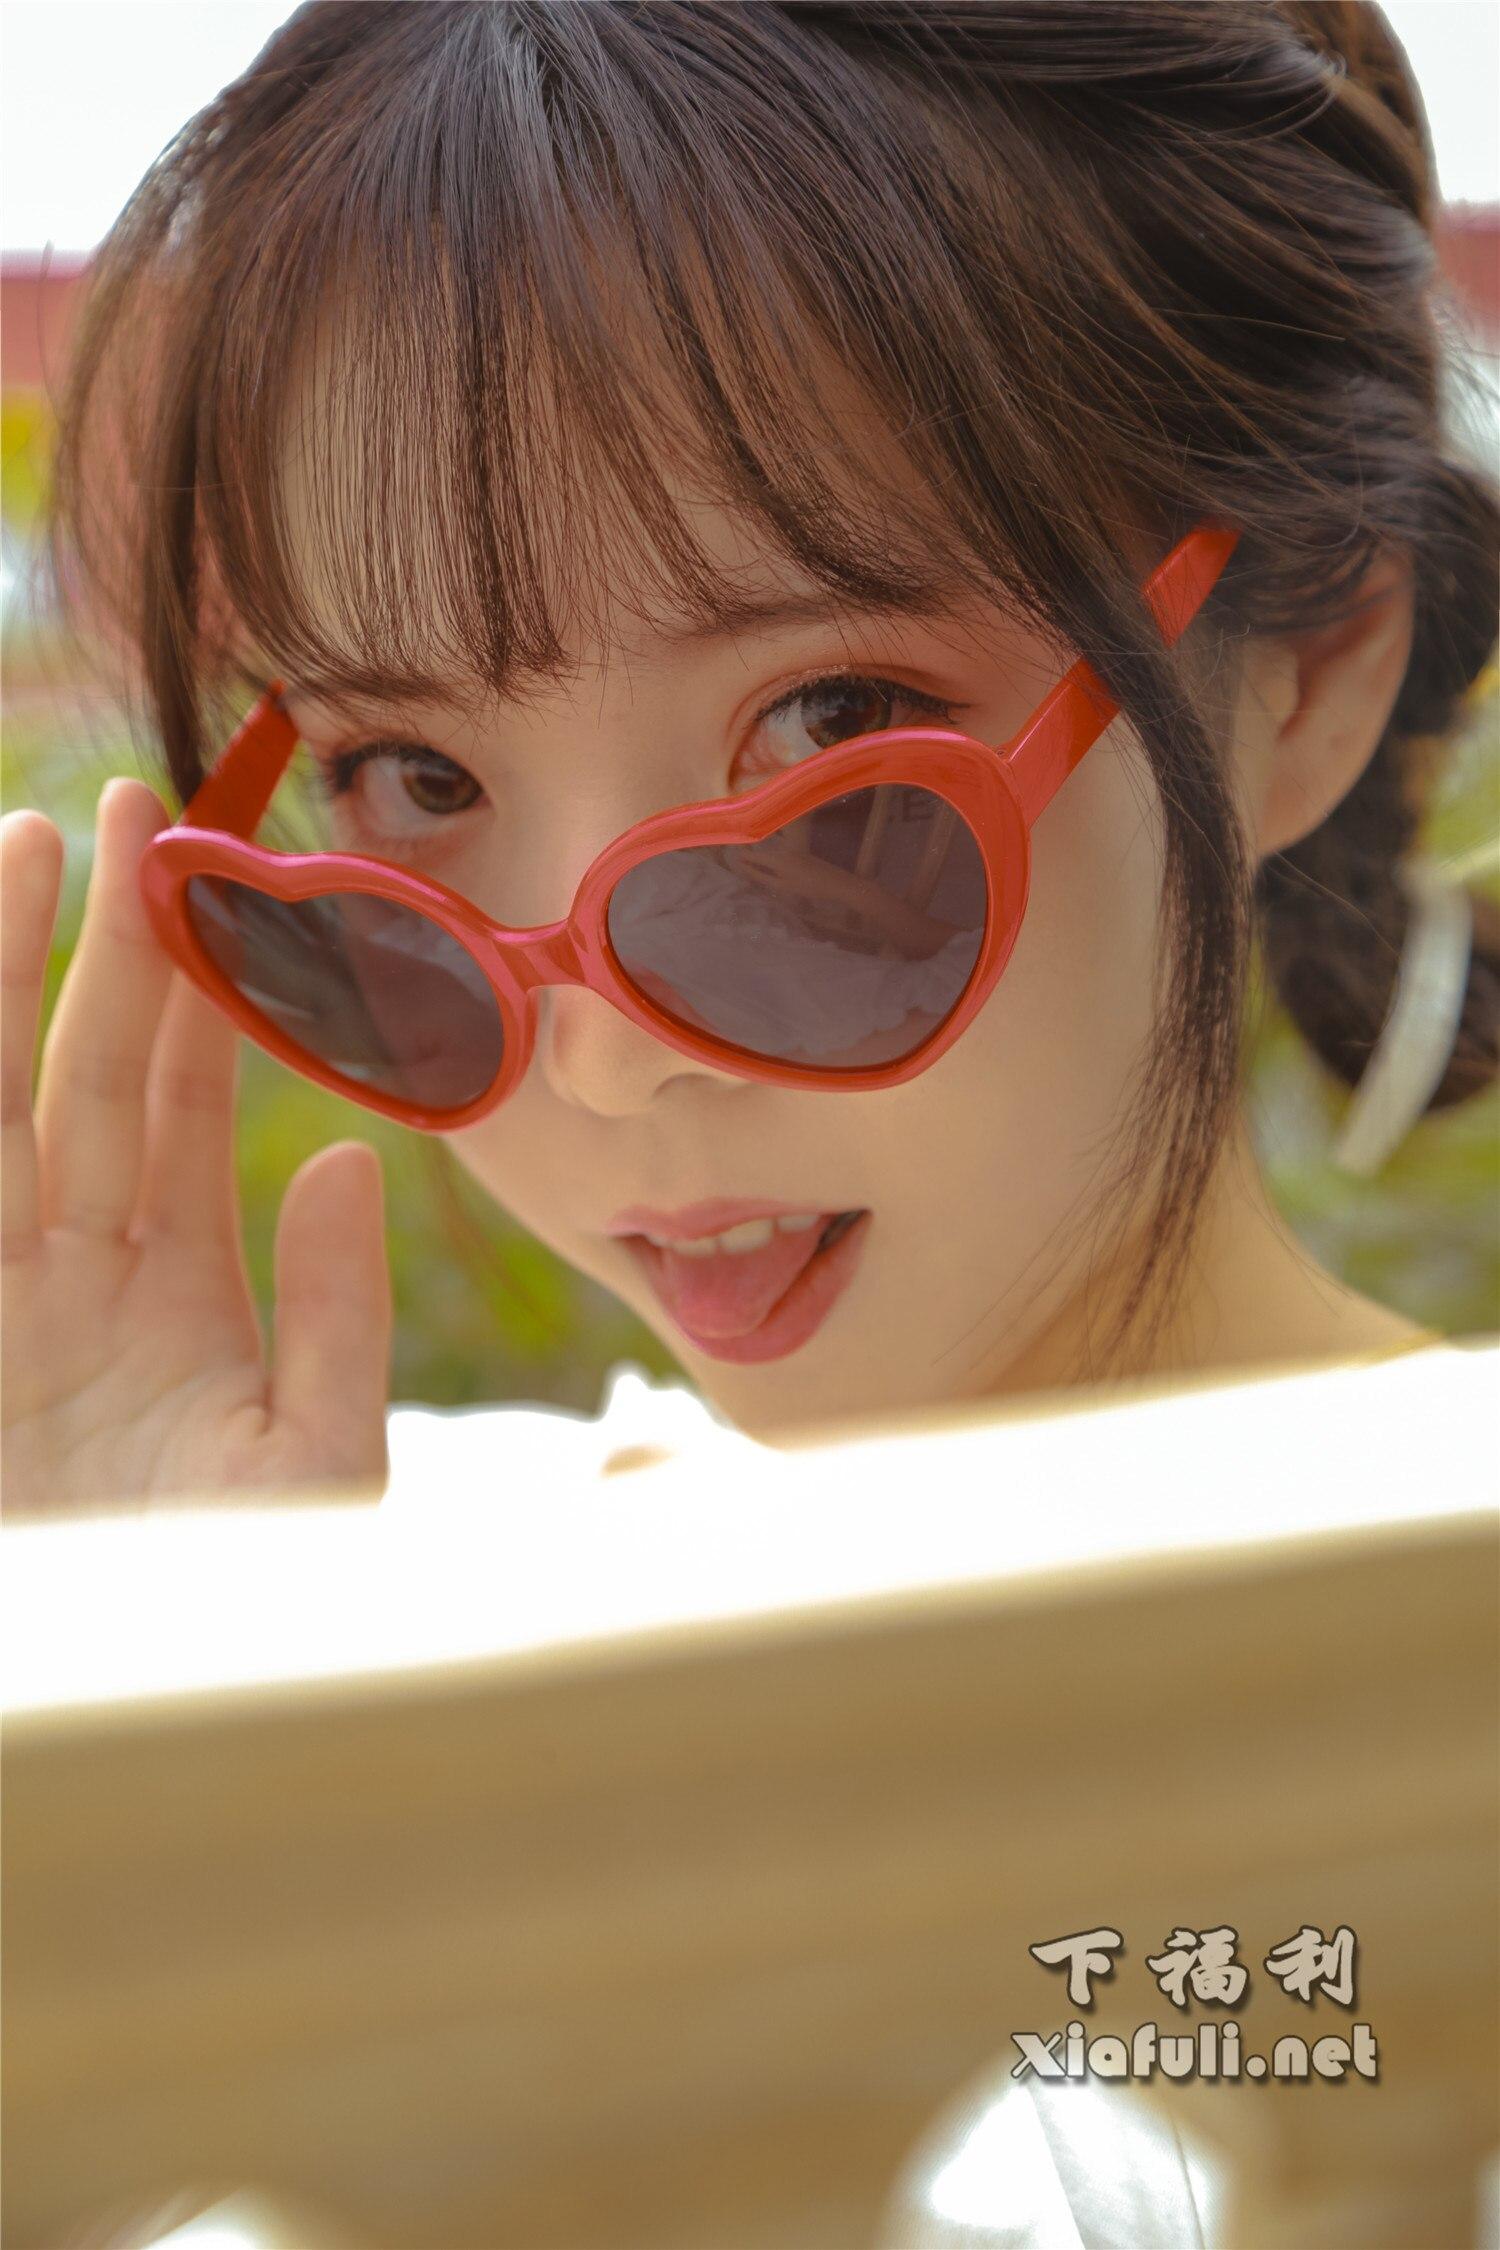 唯美可爱性少女@Fushii_海堂 5套COS私房作品合集[202P/1.23G]插图